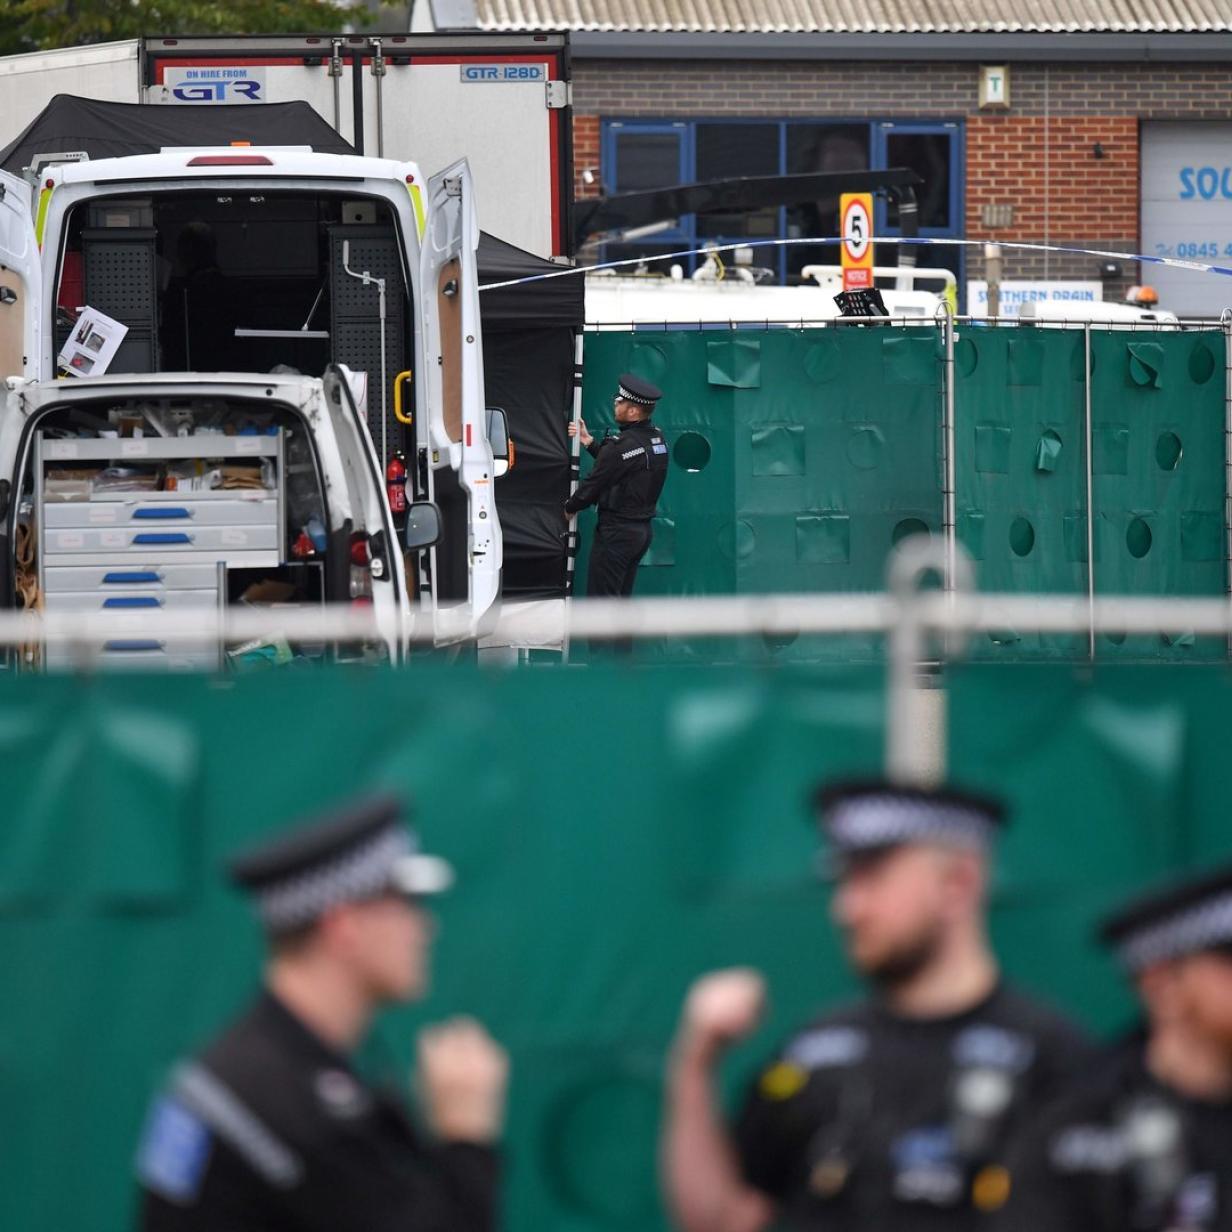 39 Leichen in Lkw: Hausdurchsuchungen in Nordirland